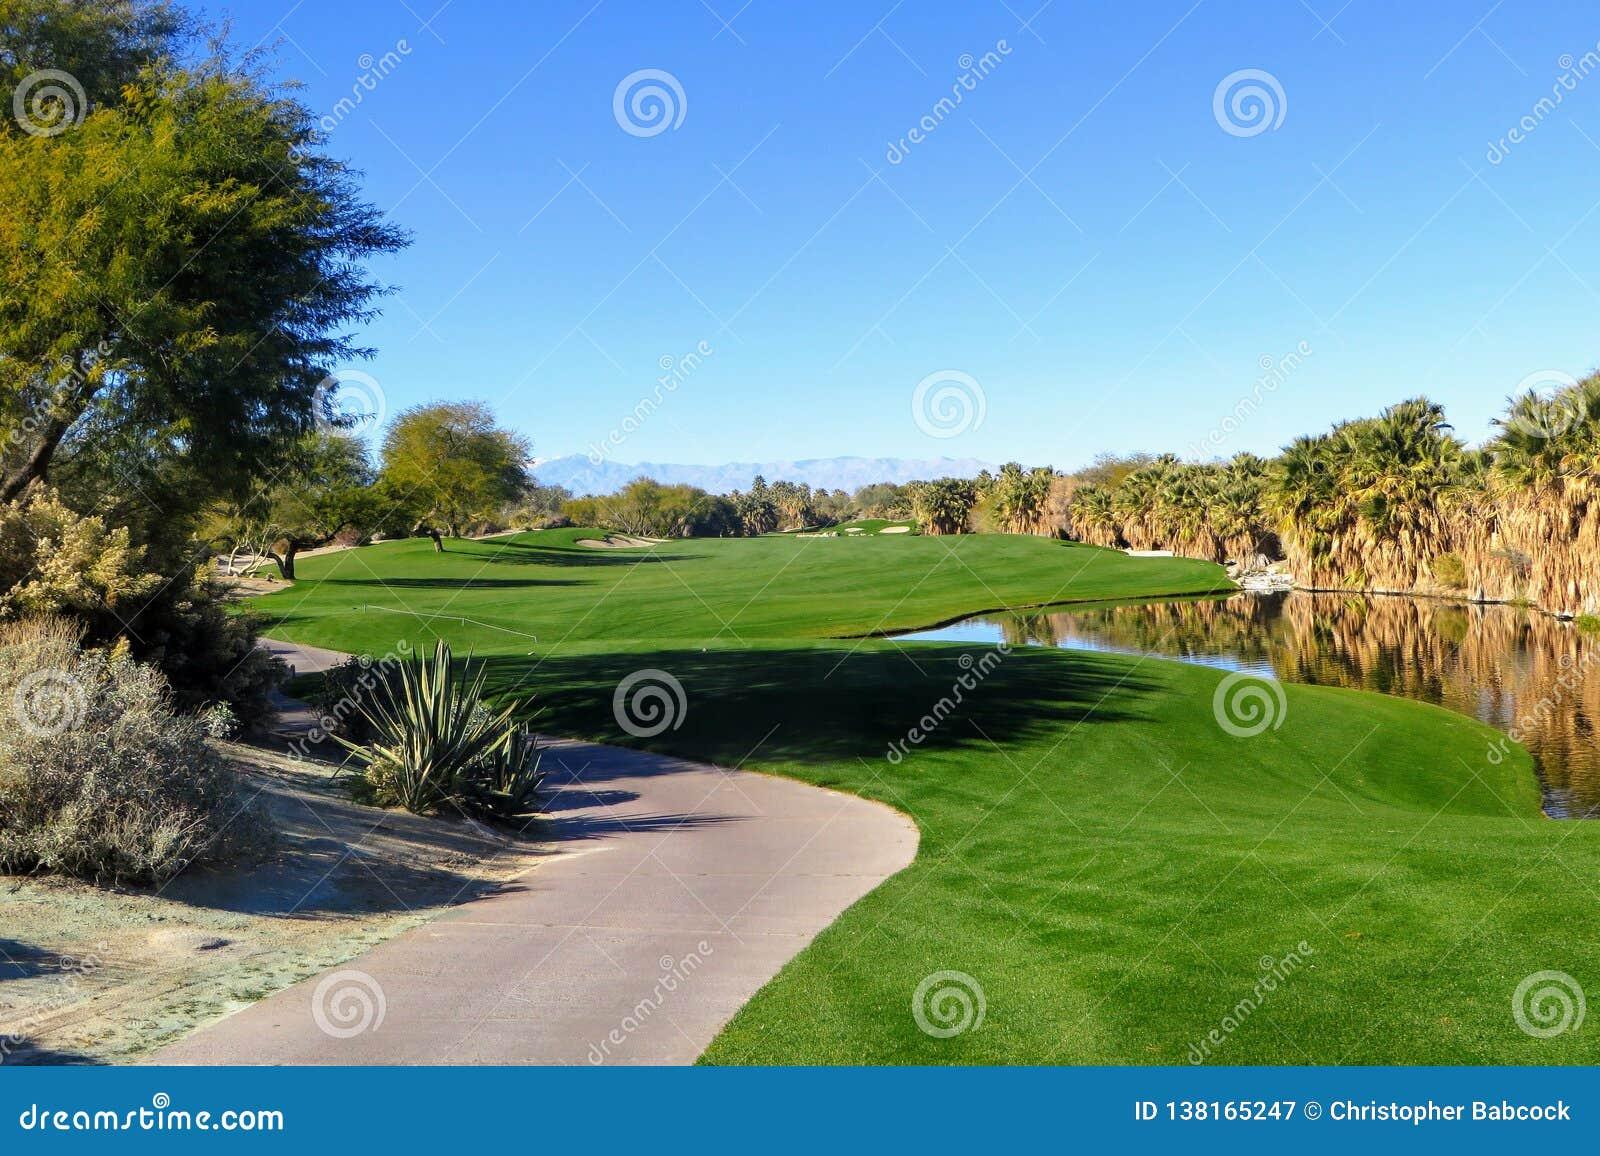 Μια όμορφη άποψη μιας ισοτιμίας 5 με την έρημο που περιβάλλει την τρύπα καθώς επίσης και μια λίμνη Το γήπεδο του γκολφ είναι στο